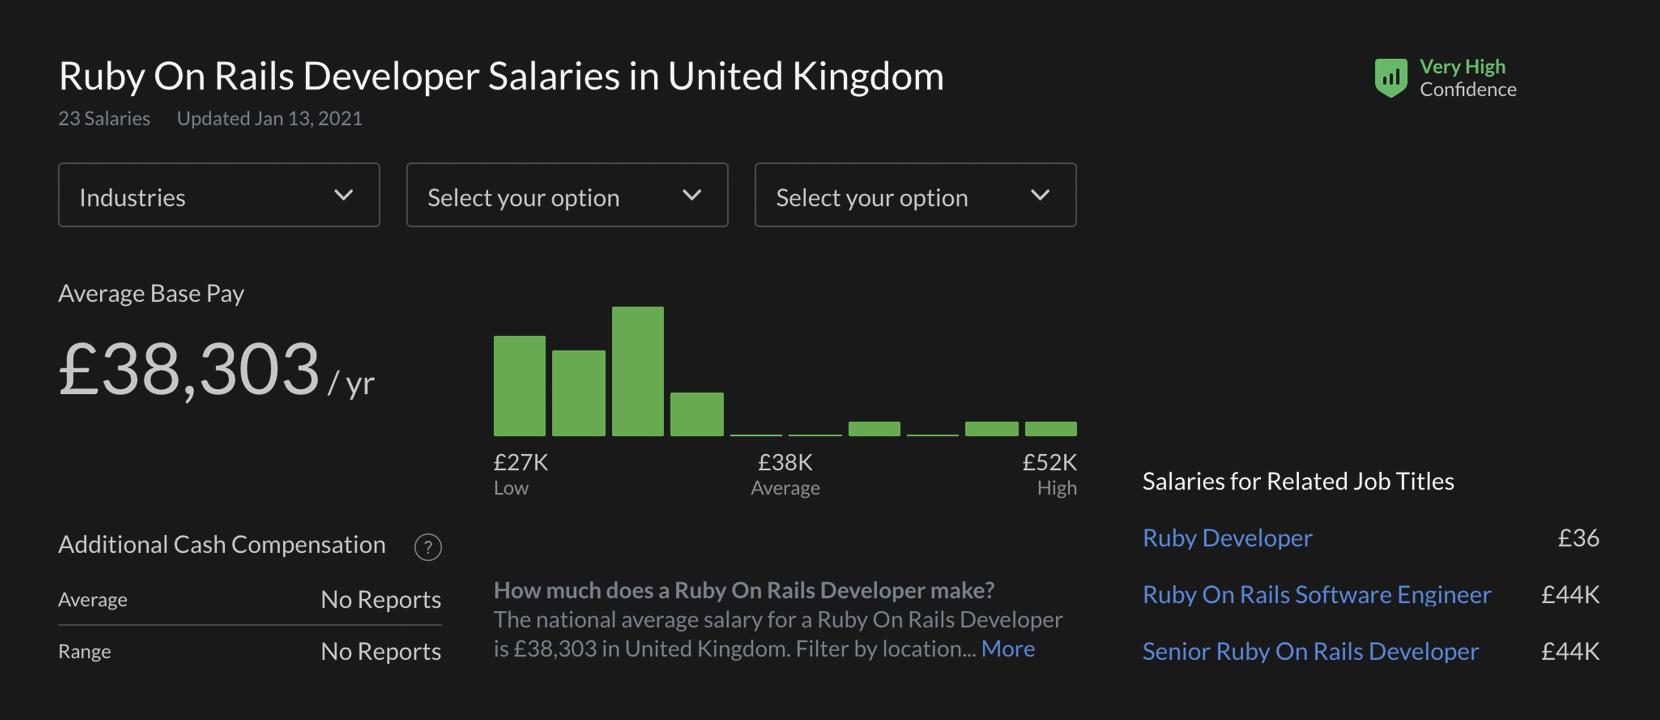 salaries of UK ruby on rails devs